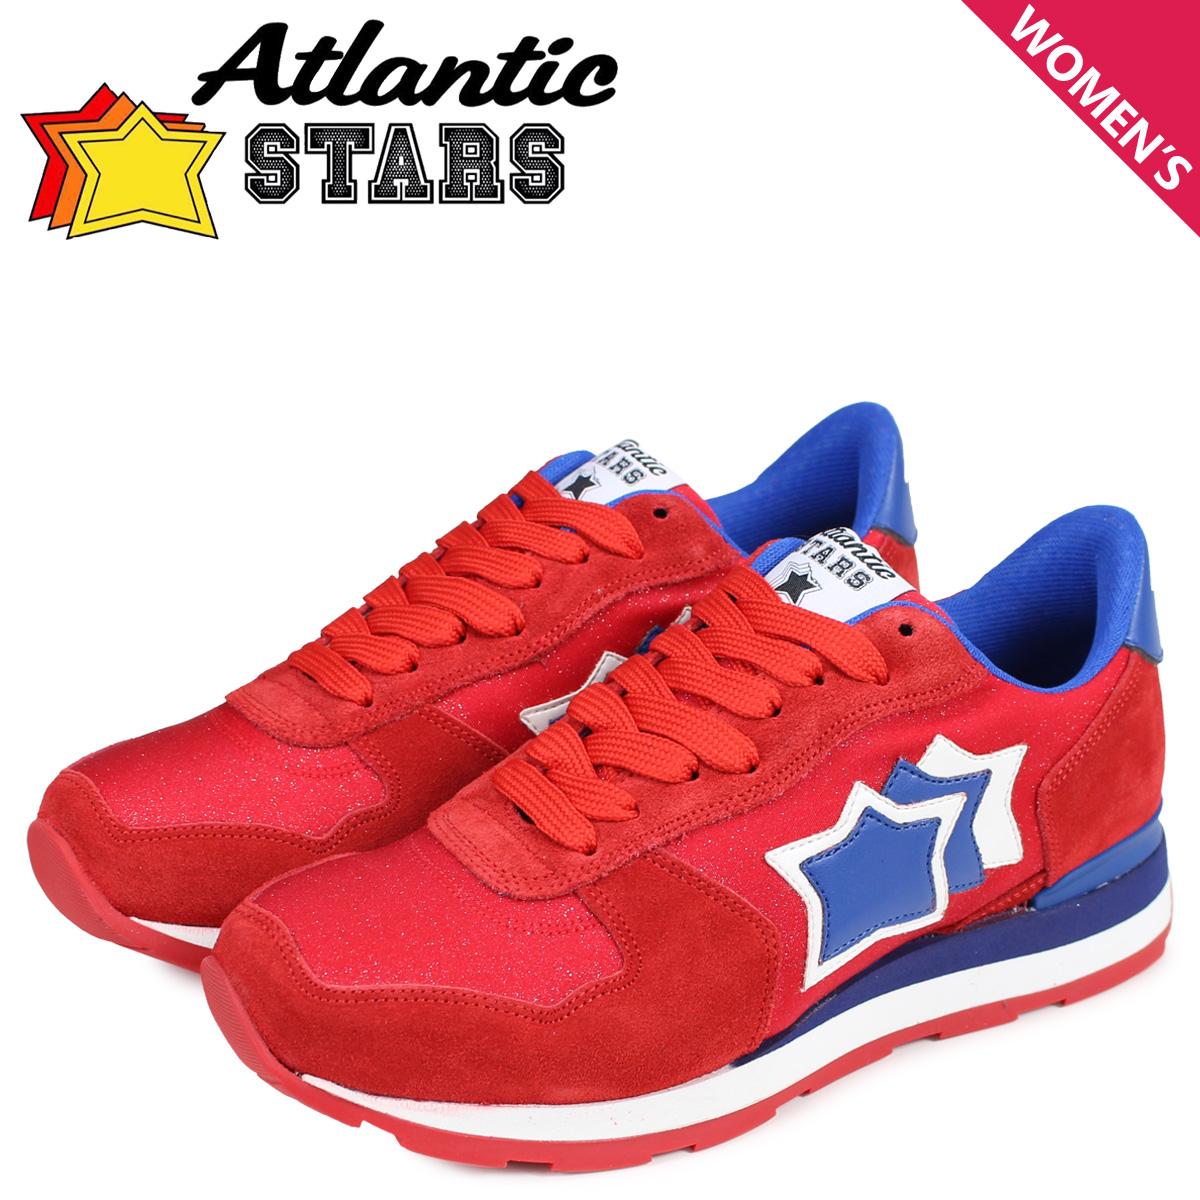 Atlantic STARS アトランティックスターズ ベガ スニーカー レディース VEGA レッド FUR-19A [予約商品 4/5頃入荷予定 新入荷]